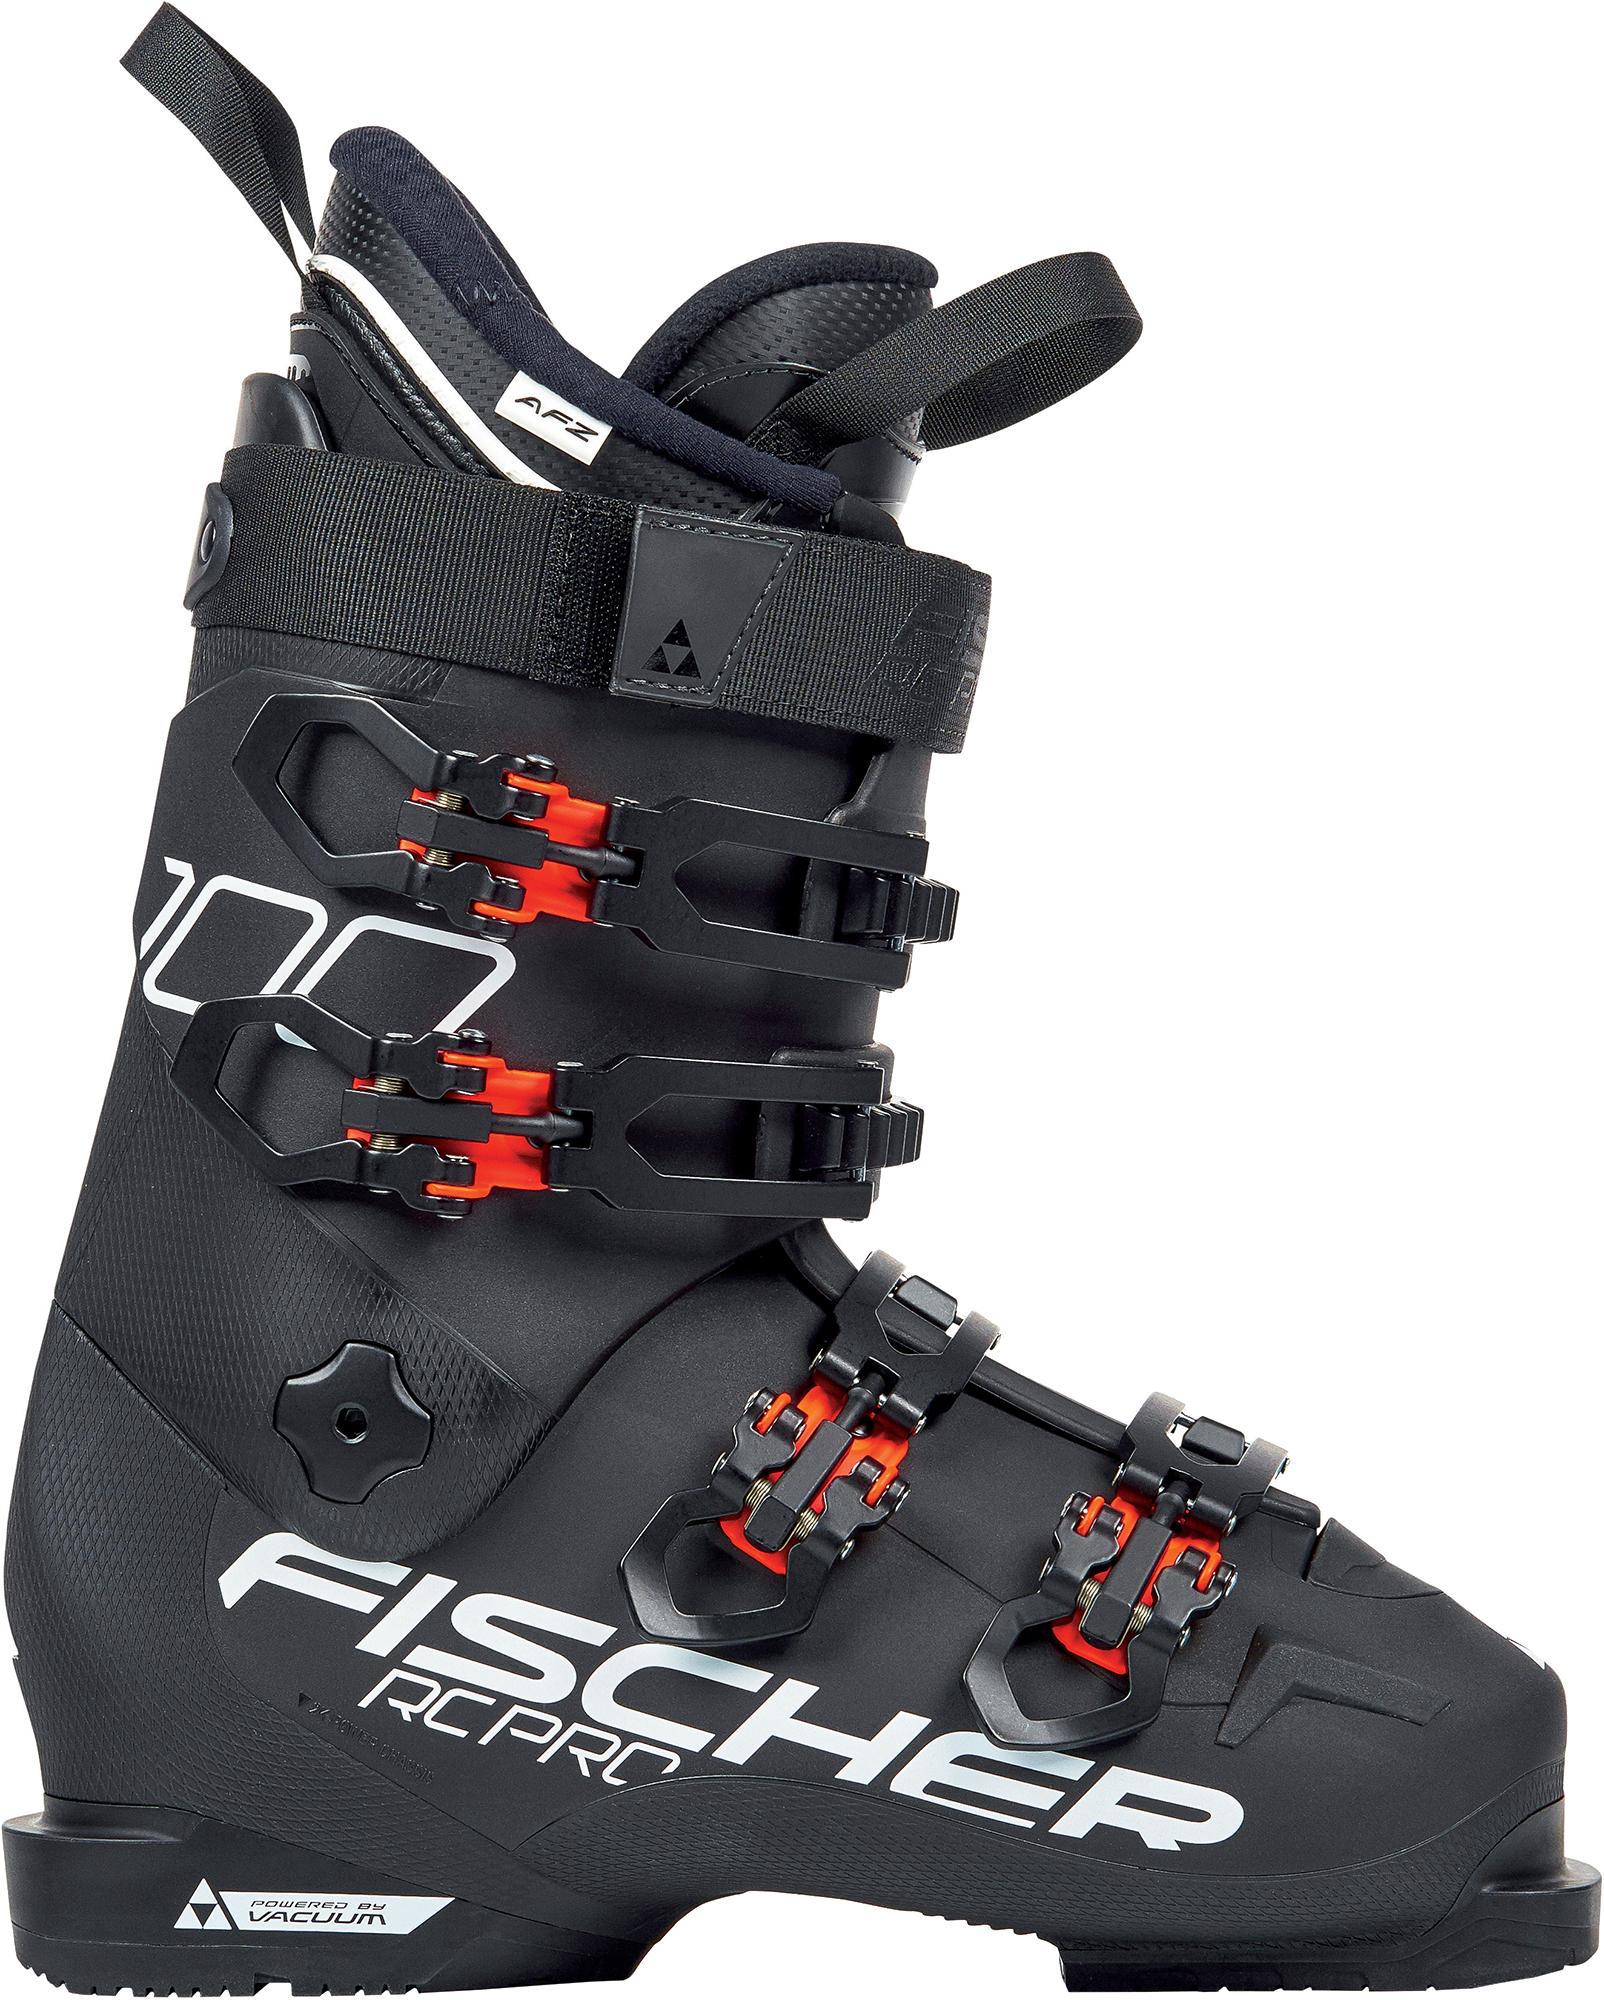 Fischer Ботинки горнолыжные Fischer Rc Pro 100 Pbv, размер 45 шпилька rg m 16x190 gvz fischer 10 шт